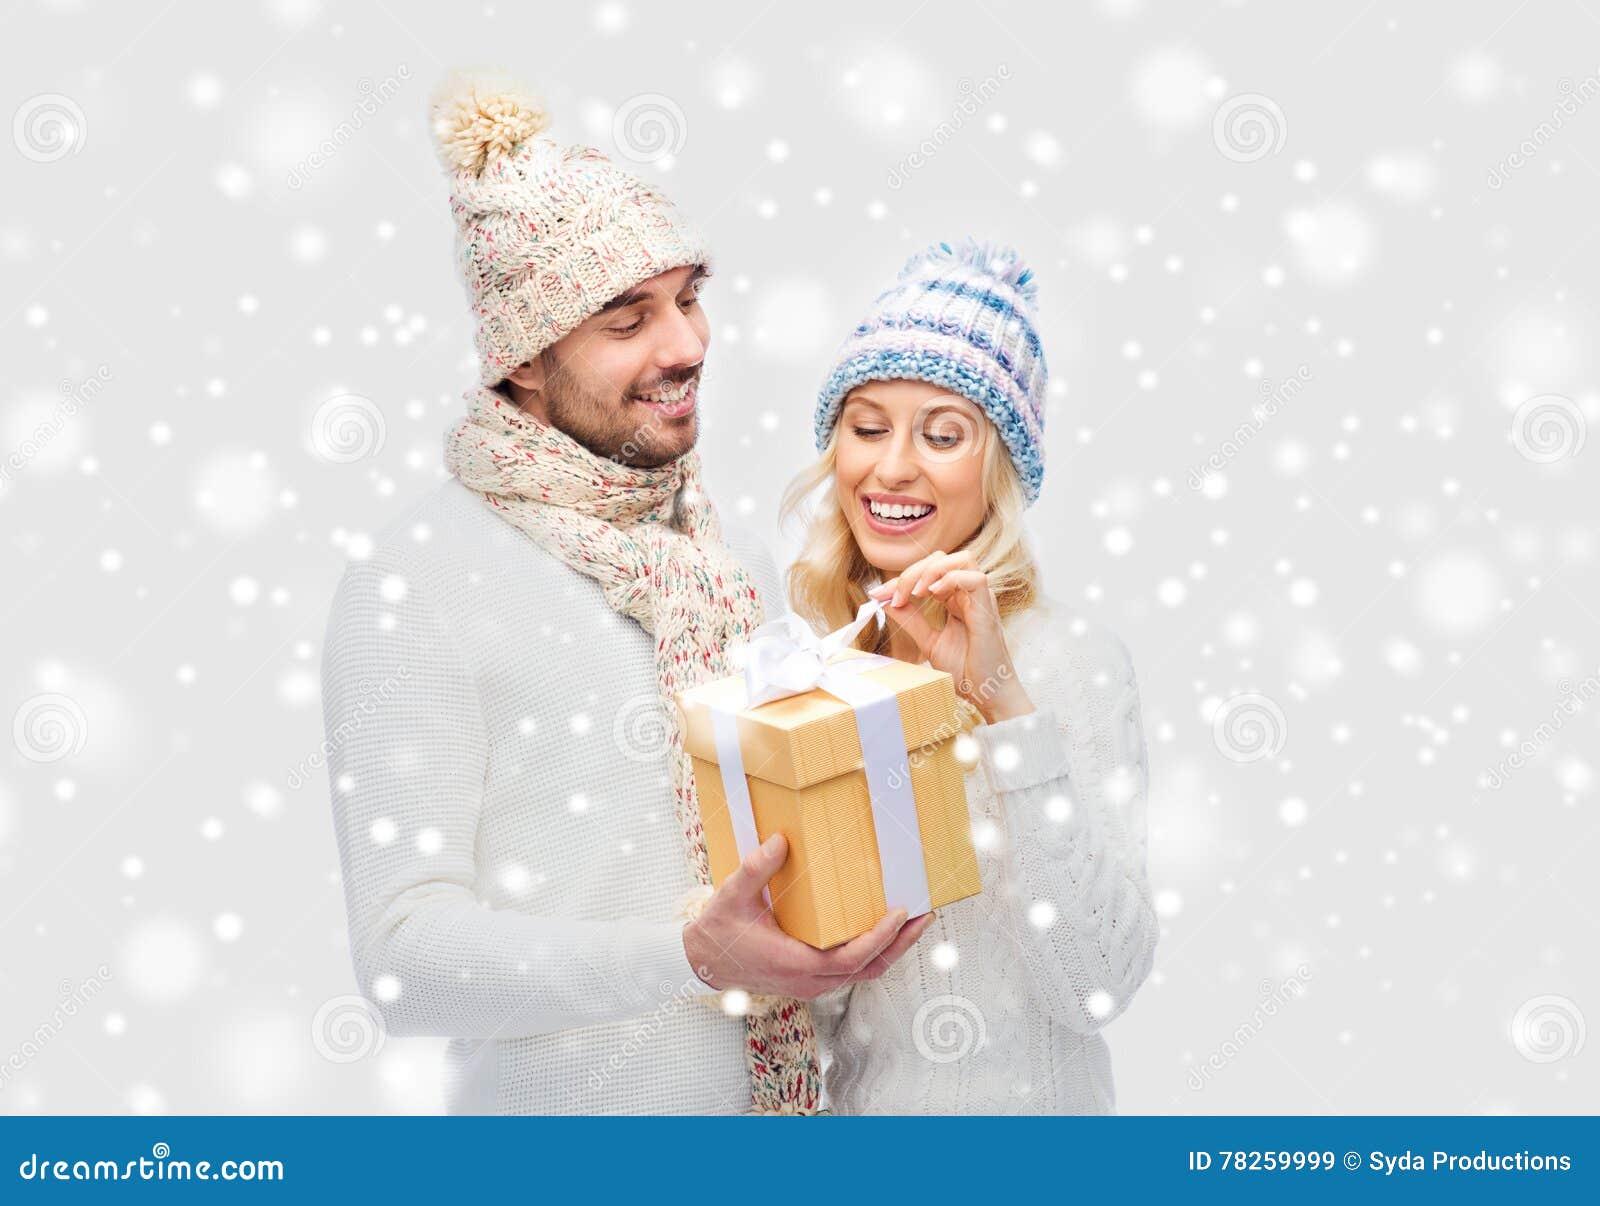 Χαμογελώντας ζεύγος στα χειμερινά ενδύματα με το κιβώτιο δώρων